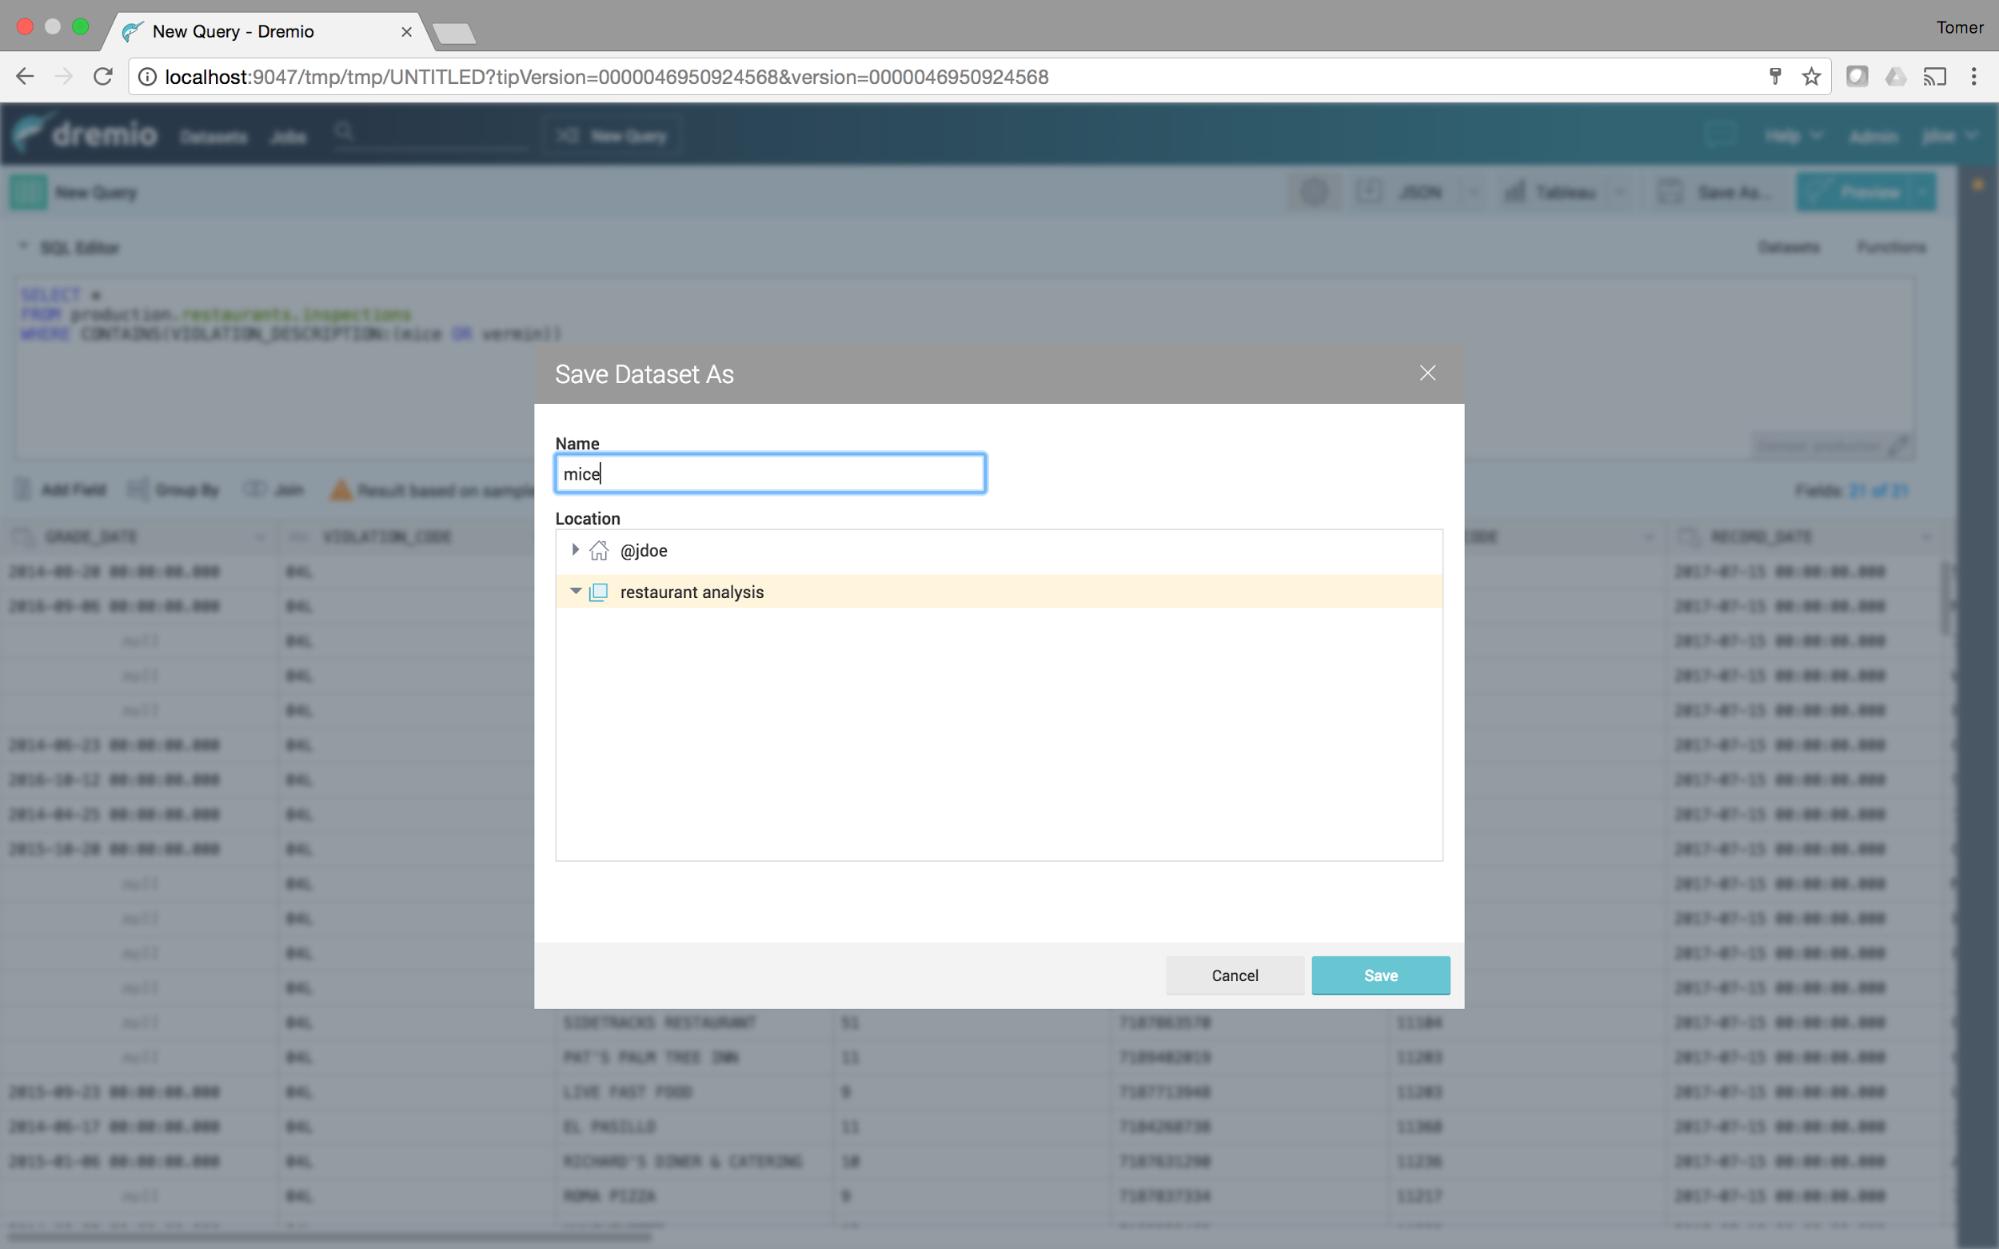 Saving virtual dataset